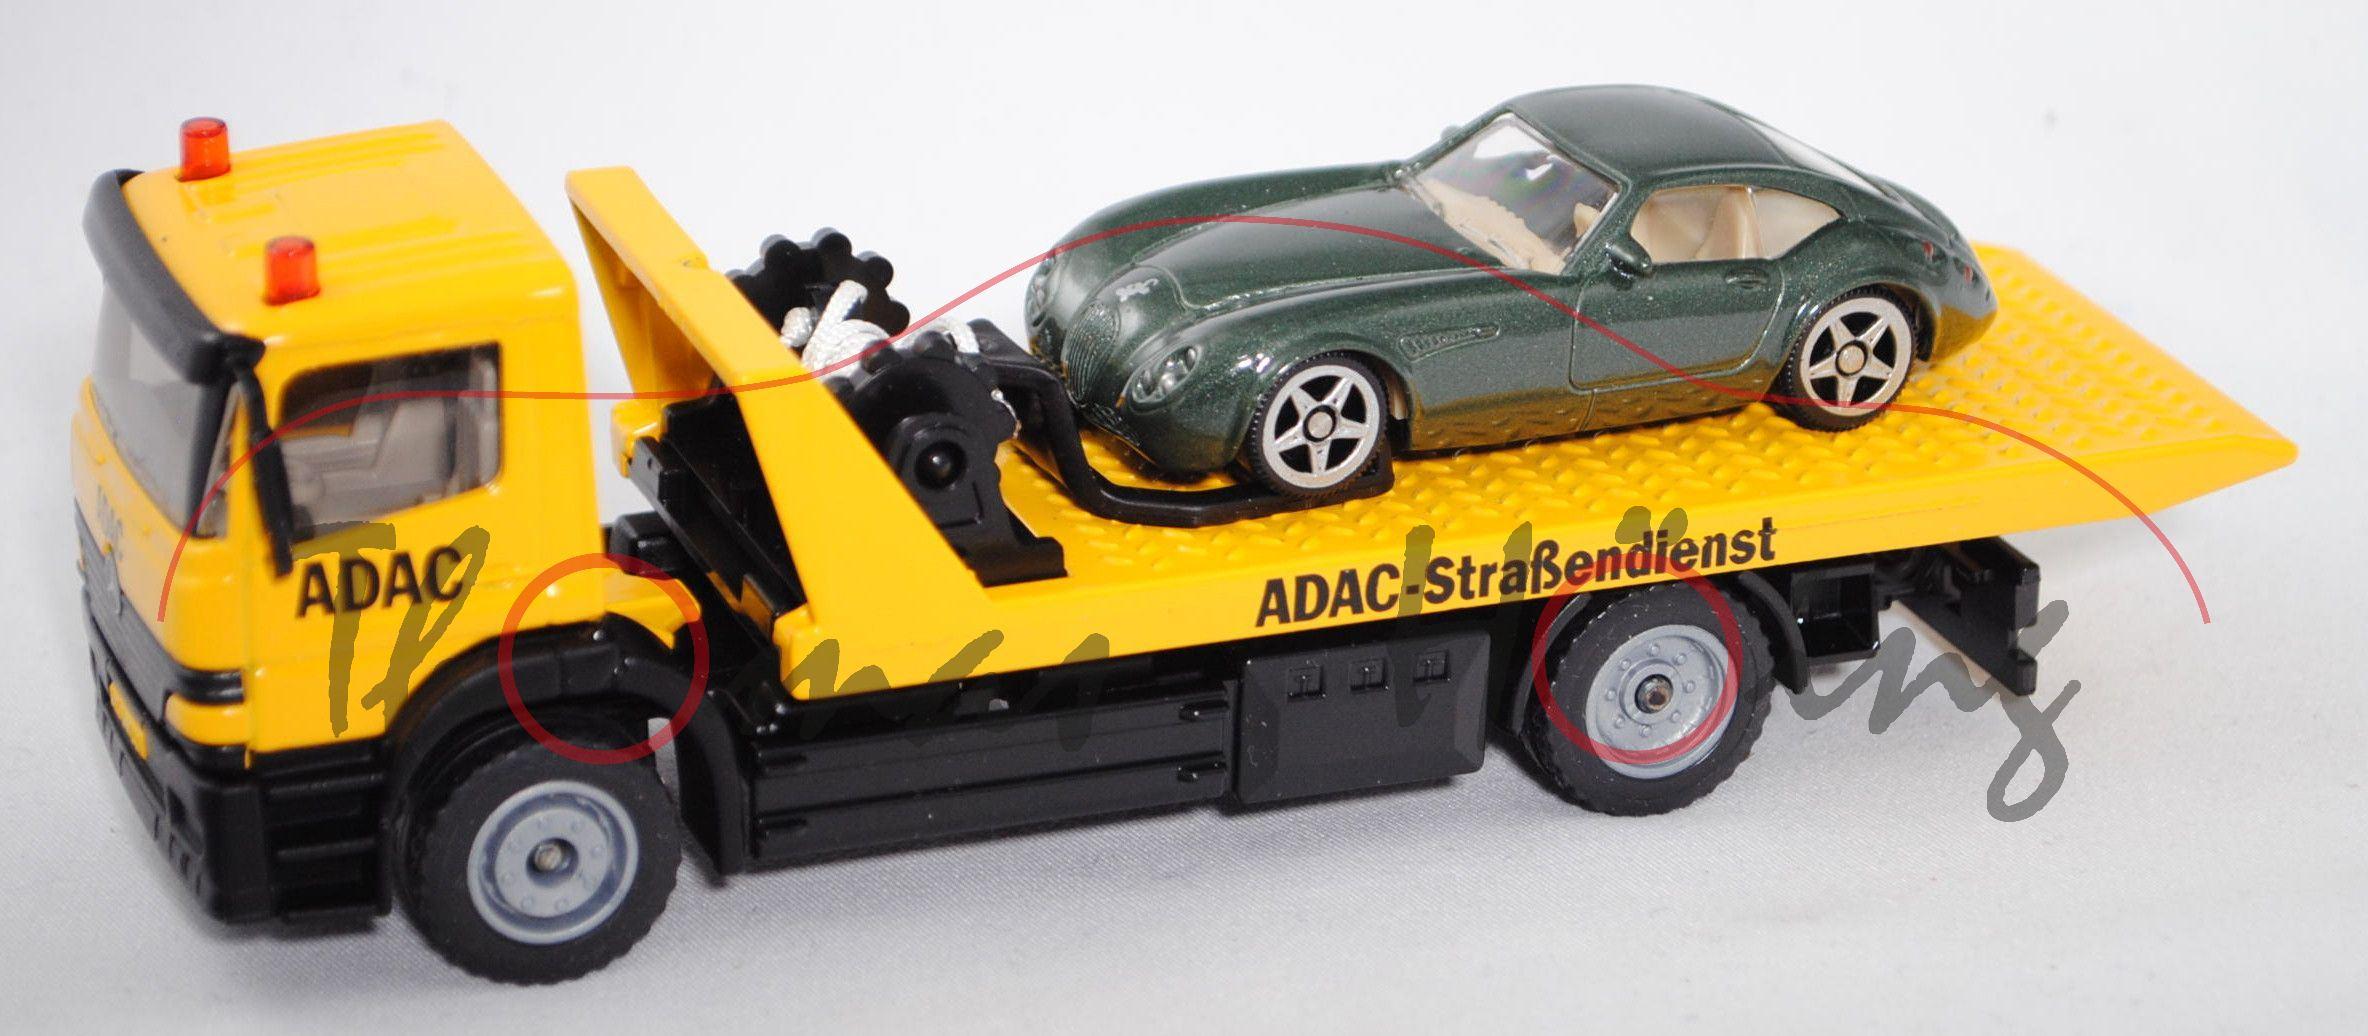 Mercedes Benz Atego 1528 Mod 98 04 Abschleppwagen mit